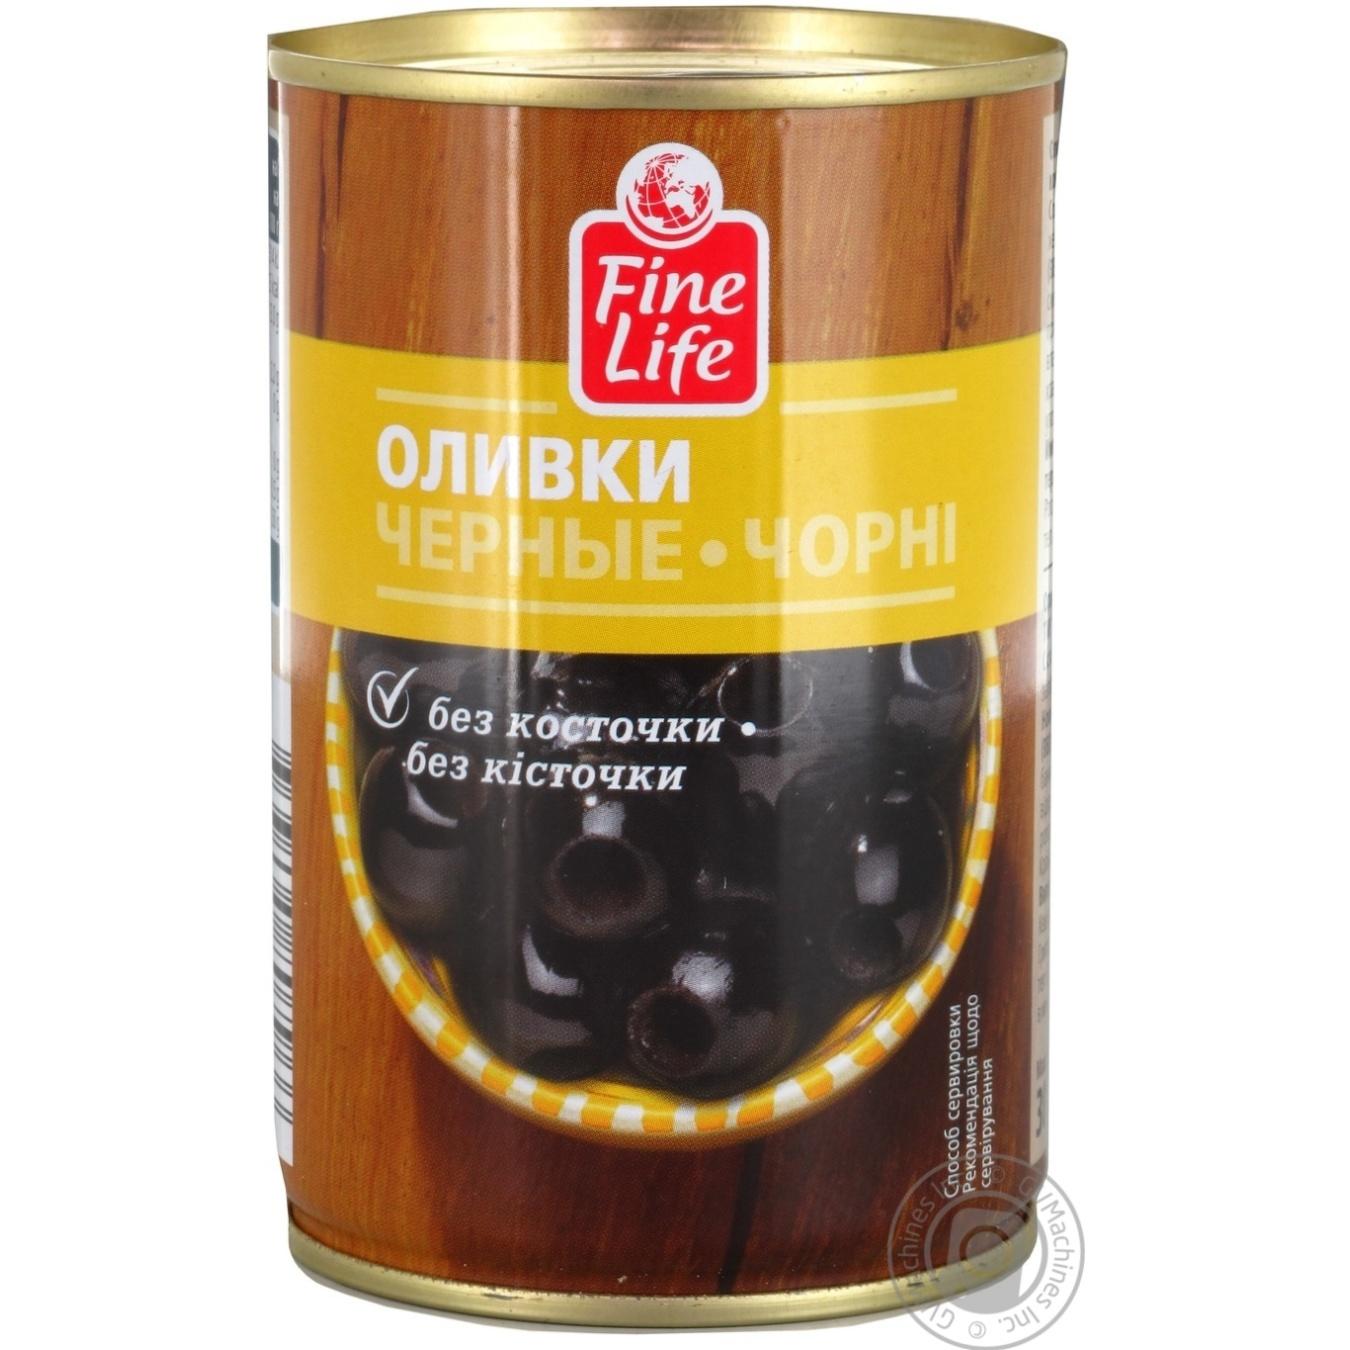 Купить Оливки Fine Life черные консервированные без косточки 300г